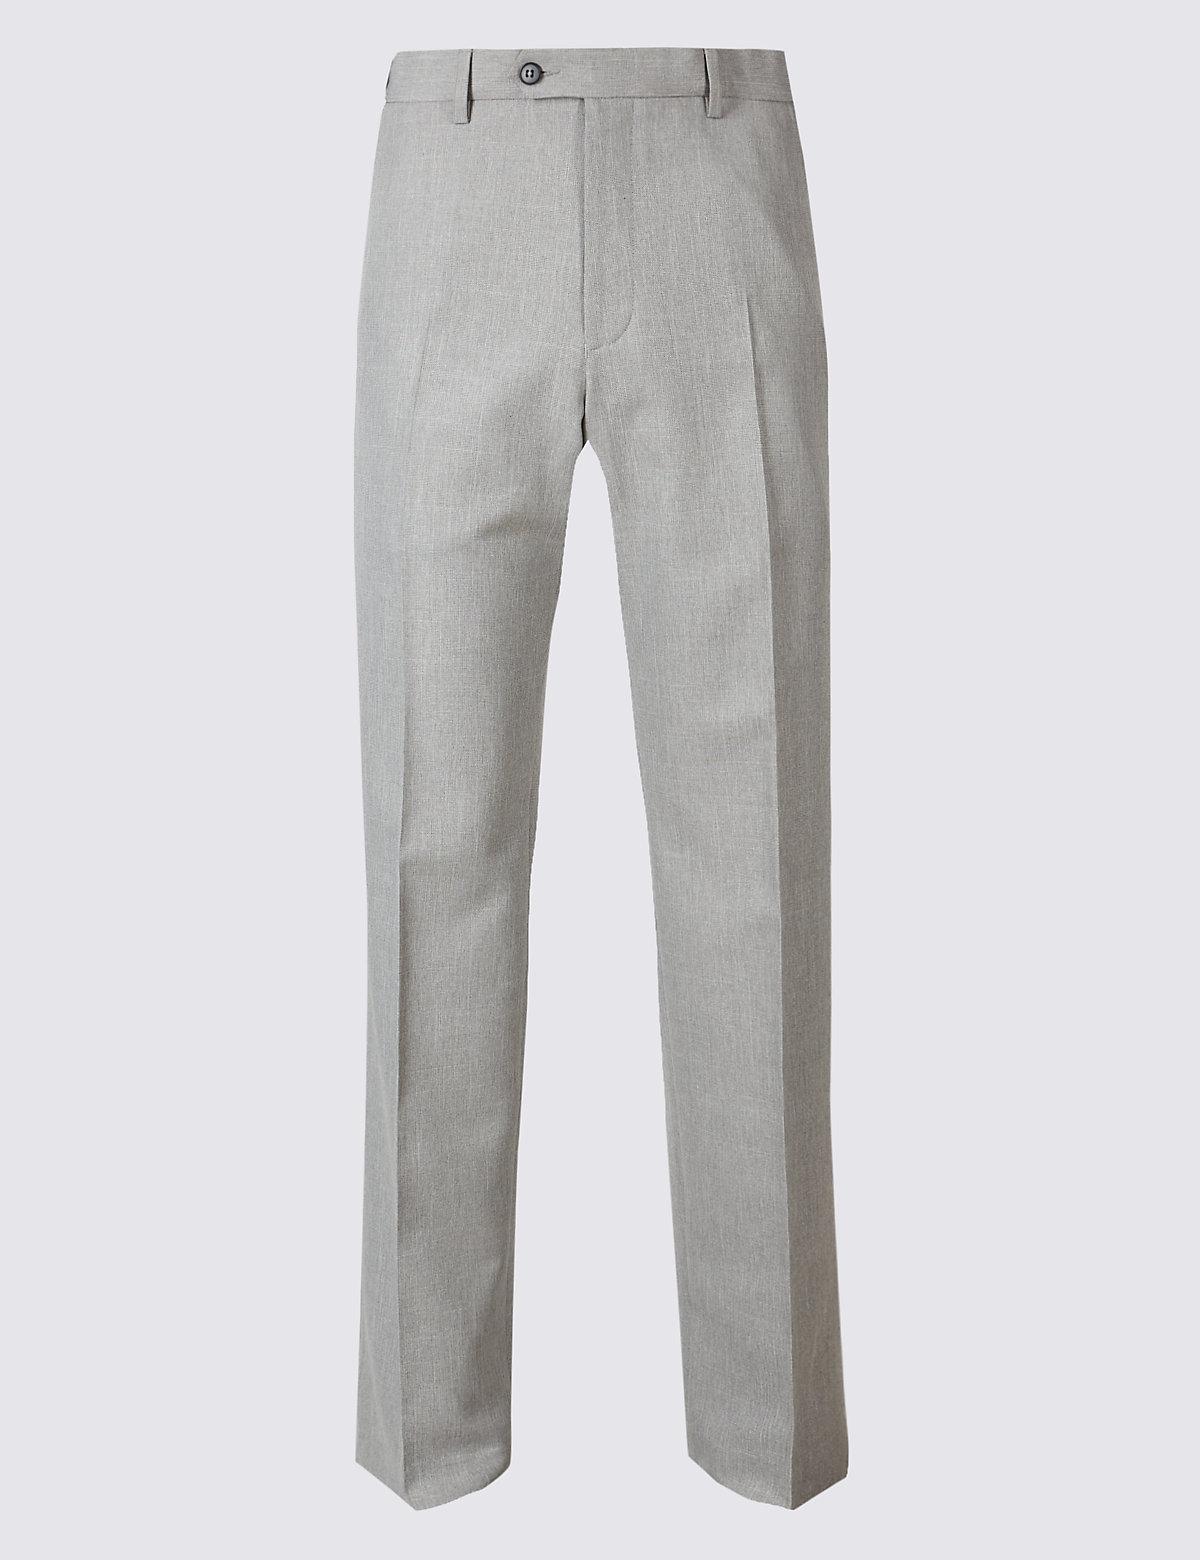 Брюки мужские классического кроя без защипов M&S Collection. Цвет: серый